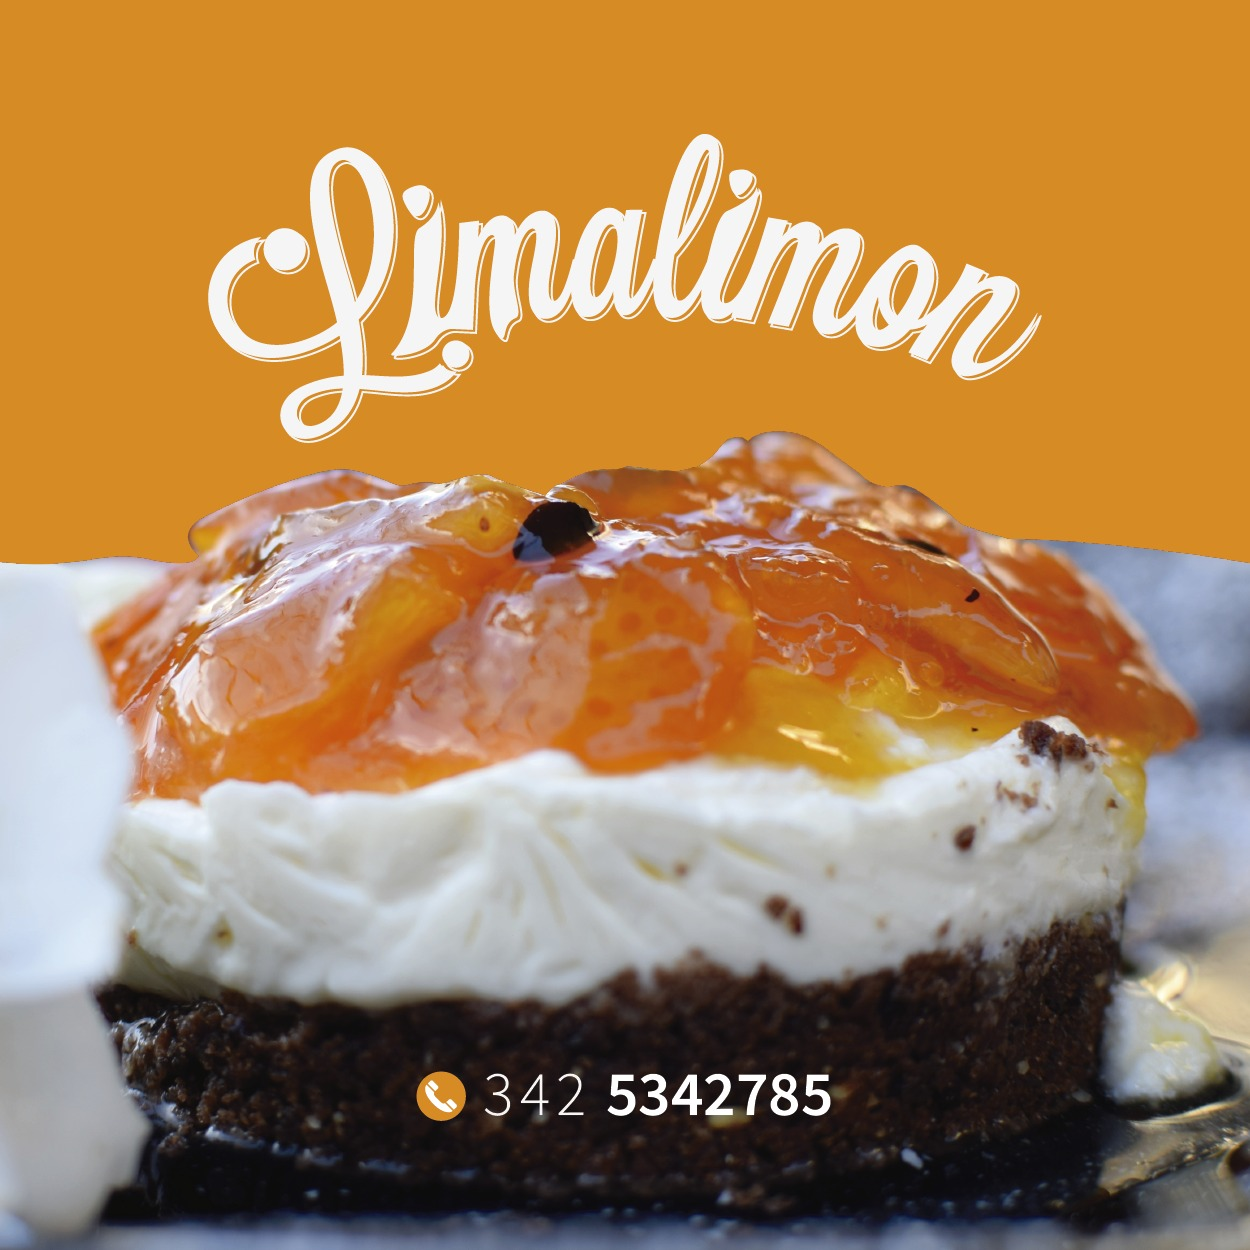 Chesscake naranja y maracuyá «Lima Limón» 1 porción